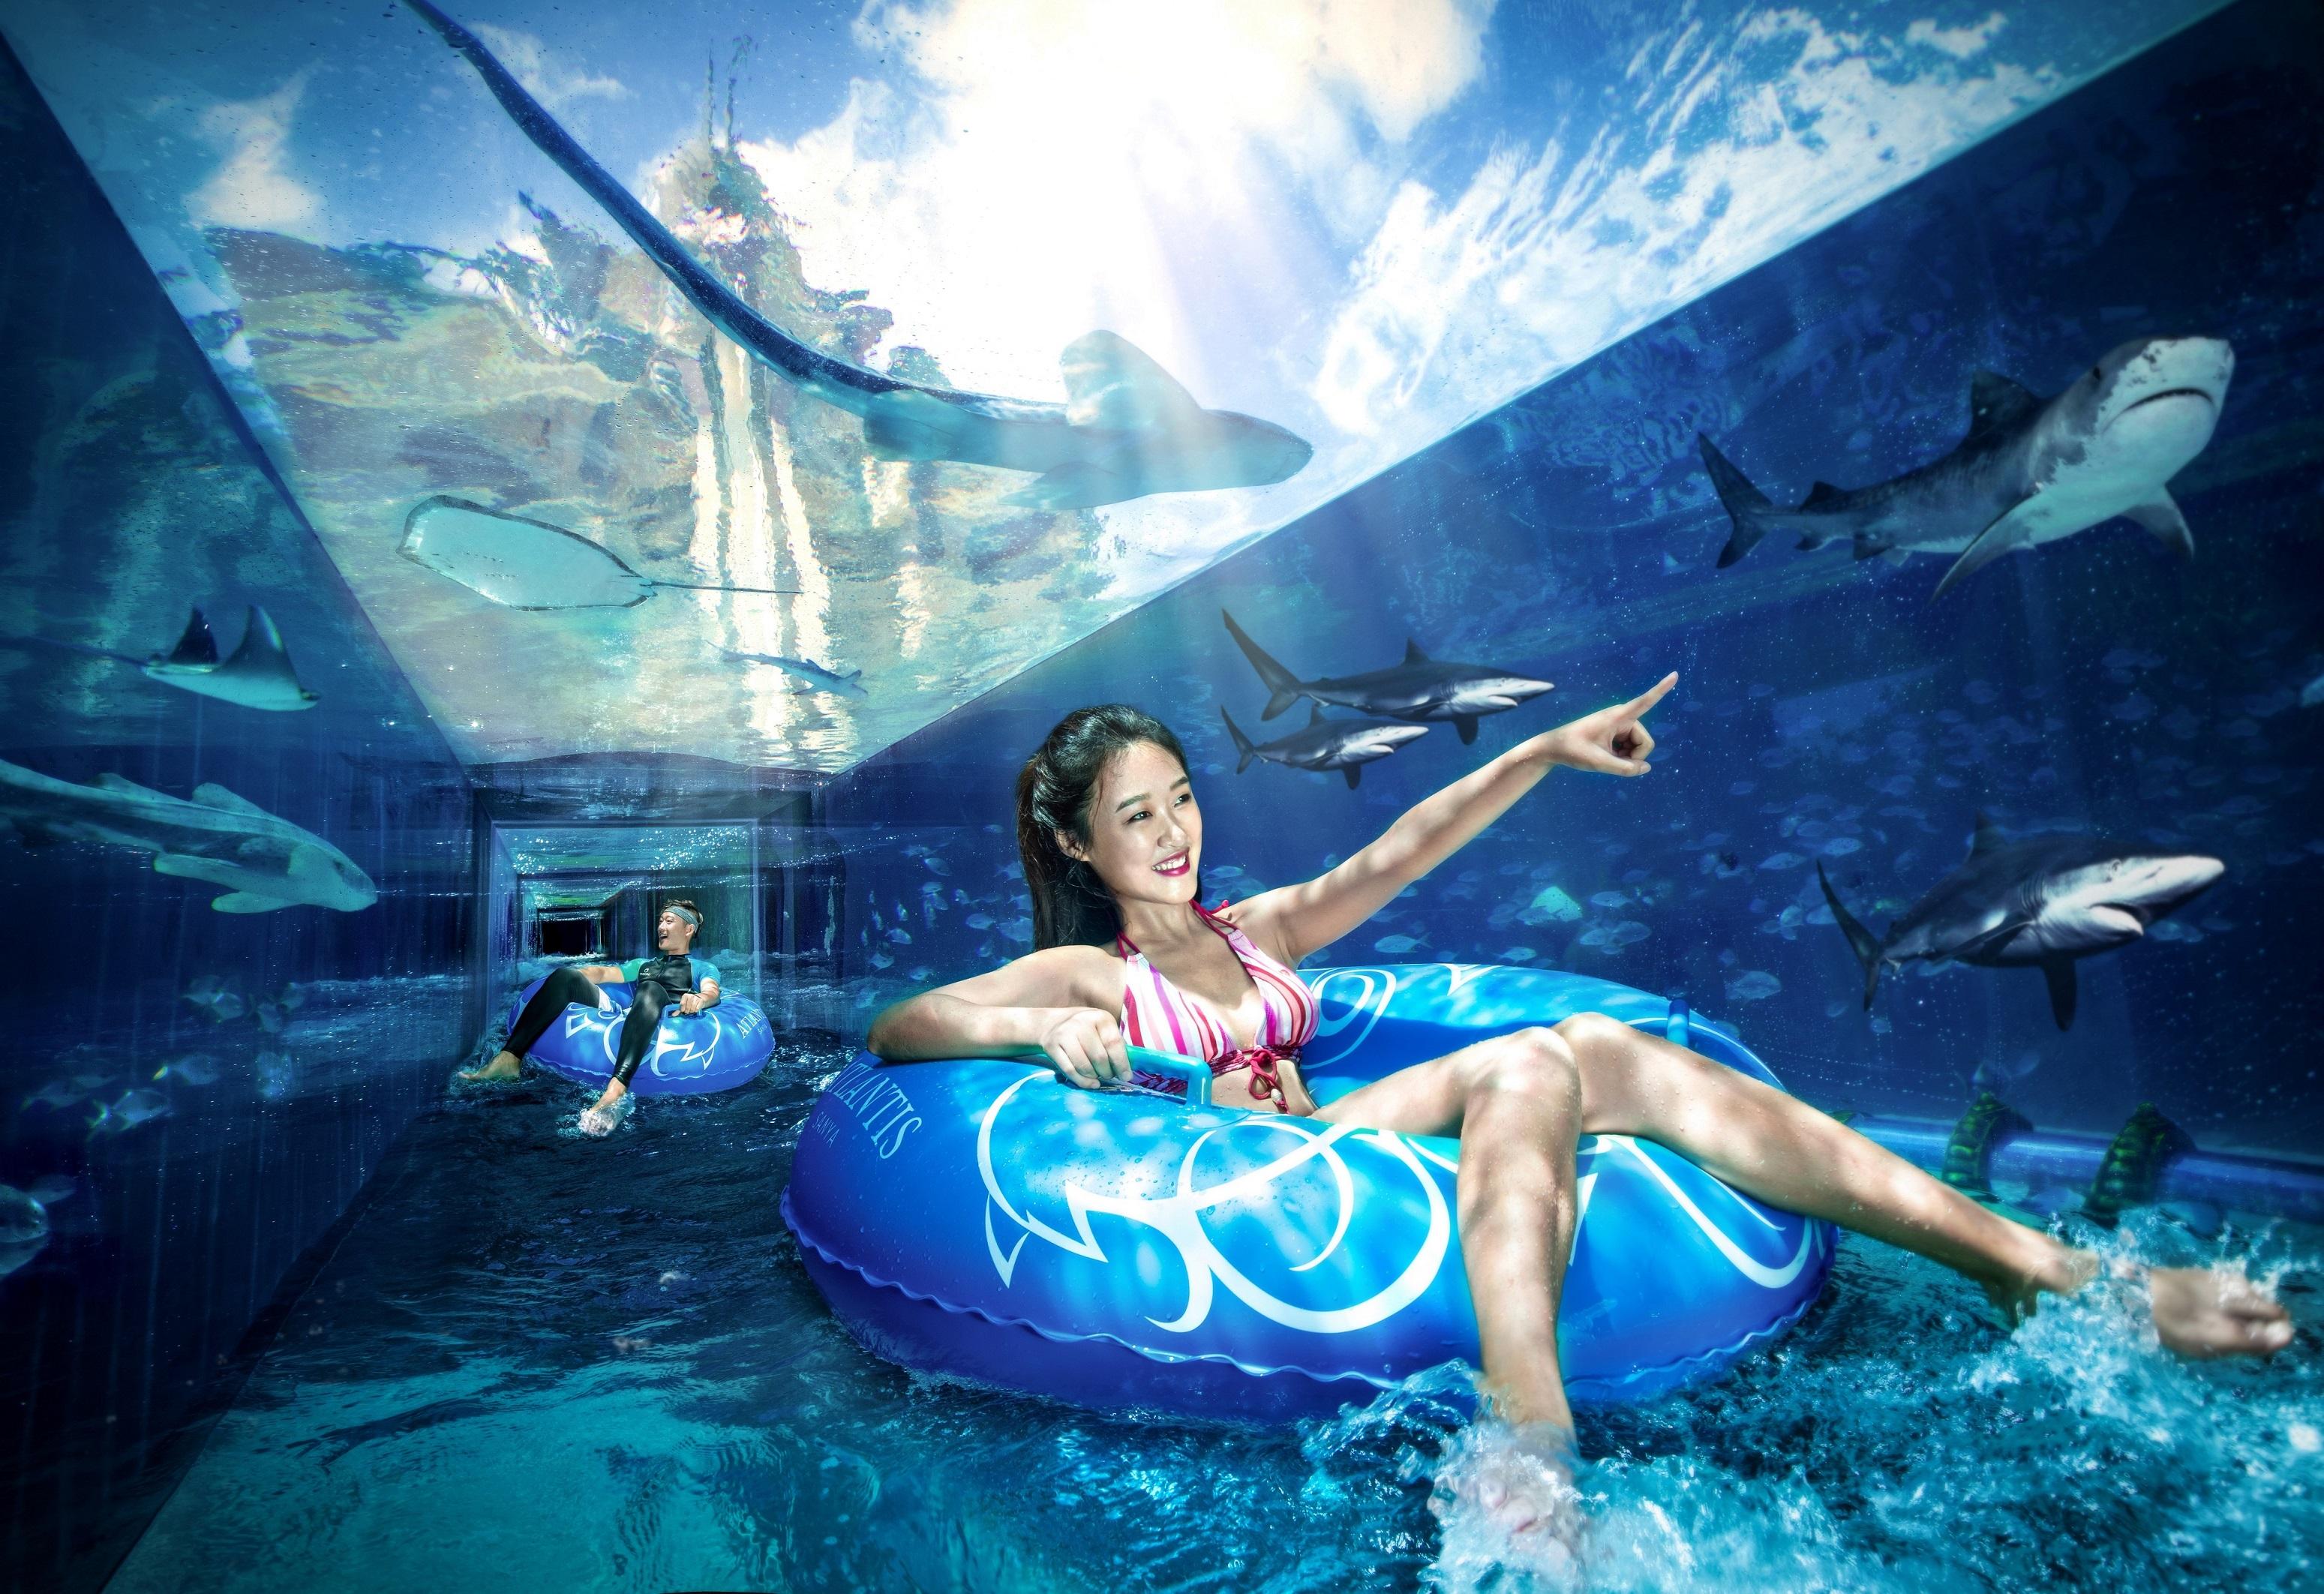 三亚亚特兰蒂斯水世界旅游景点图片